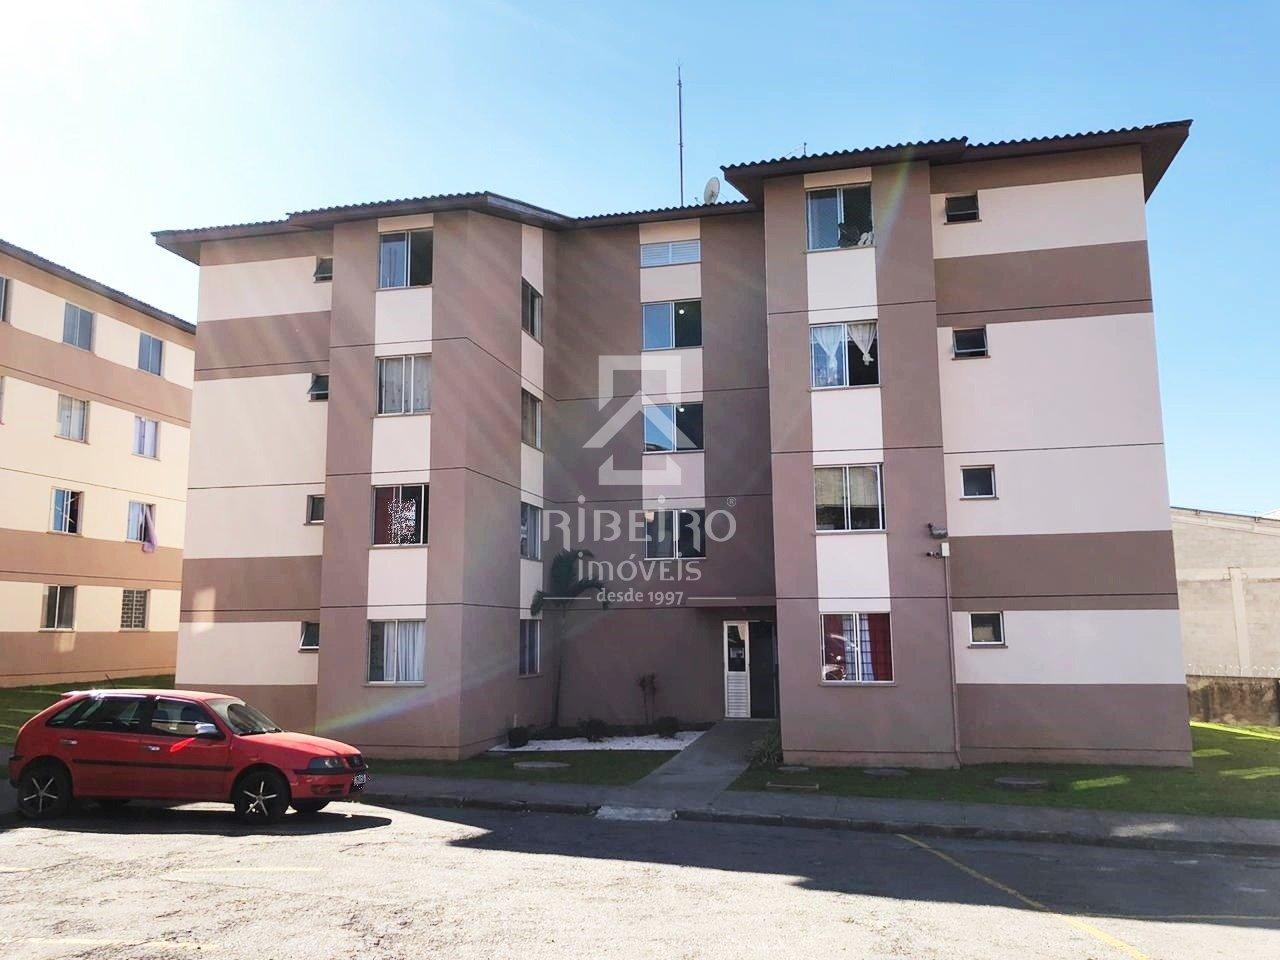 REF. 8637 -  Sao Jose Dos Pinhais - Rua  Pedro Plantes Dos Anjos, 200 - Apto 43 - Bl 07